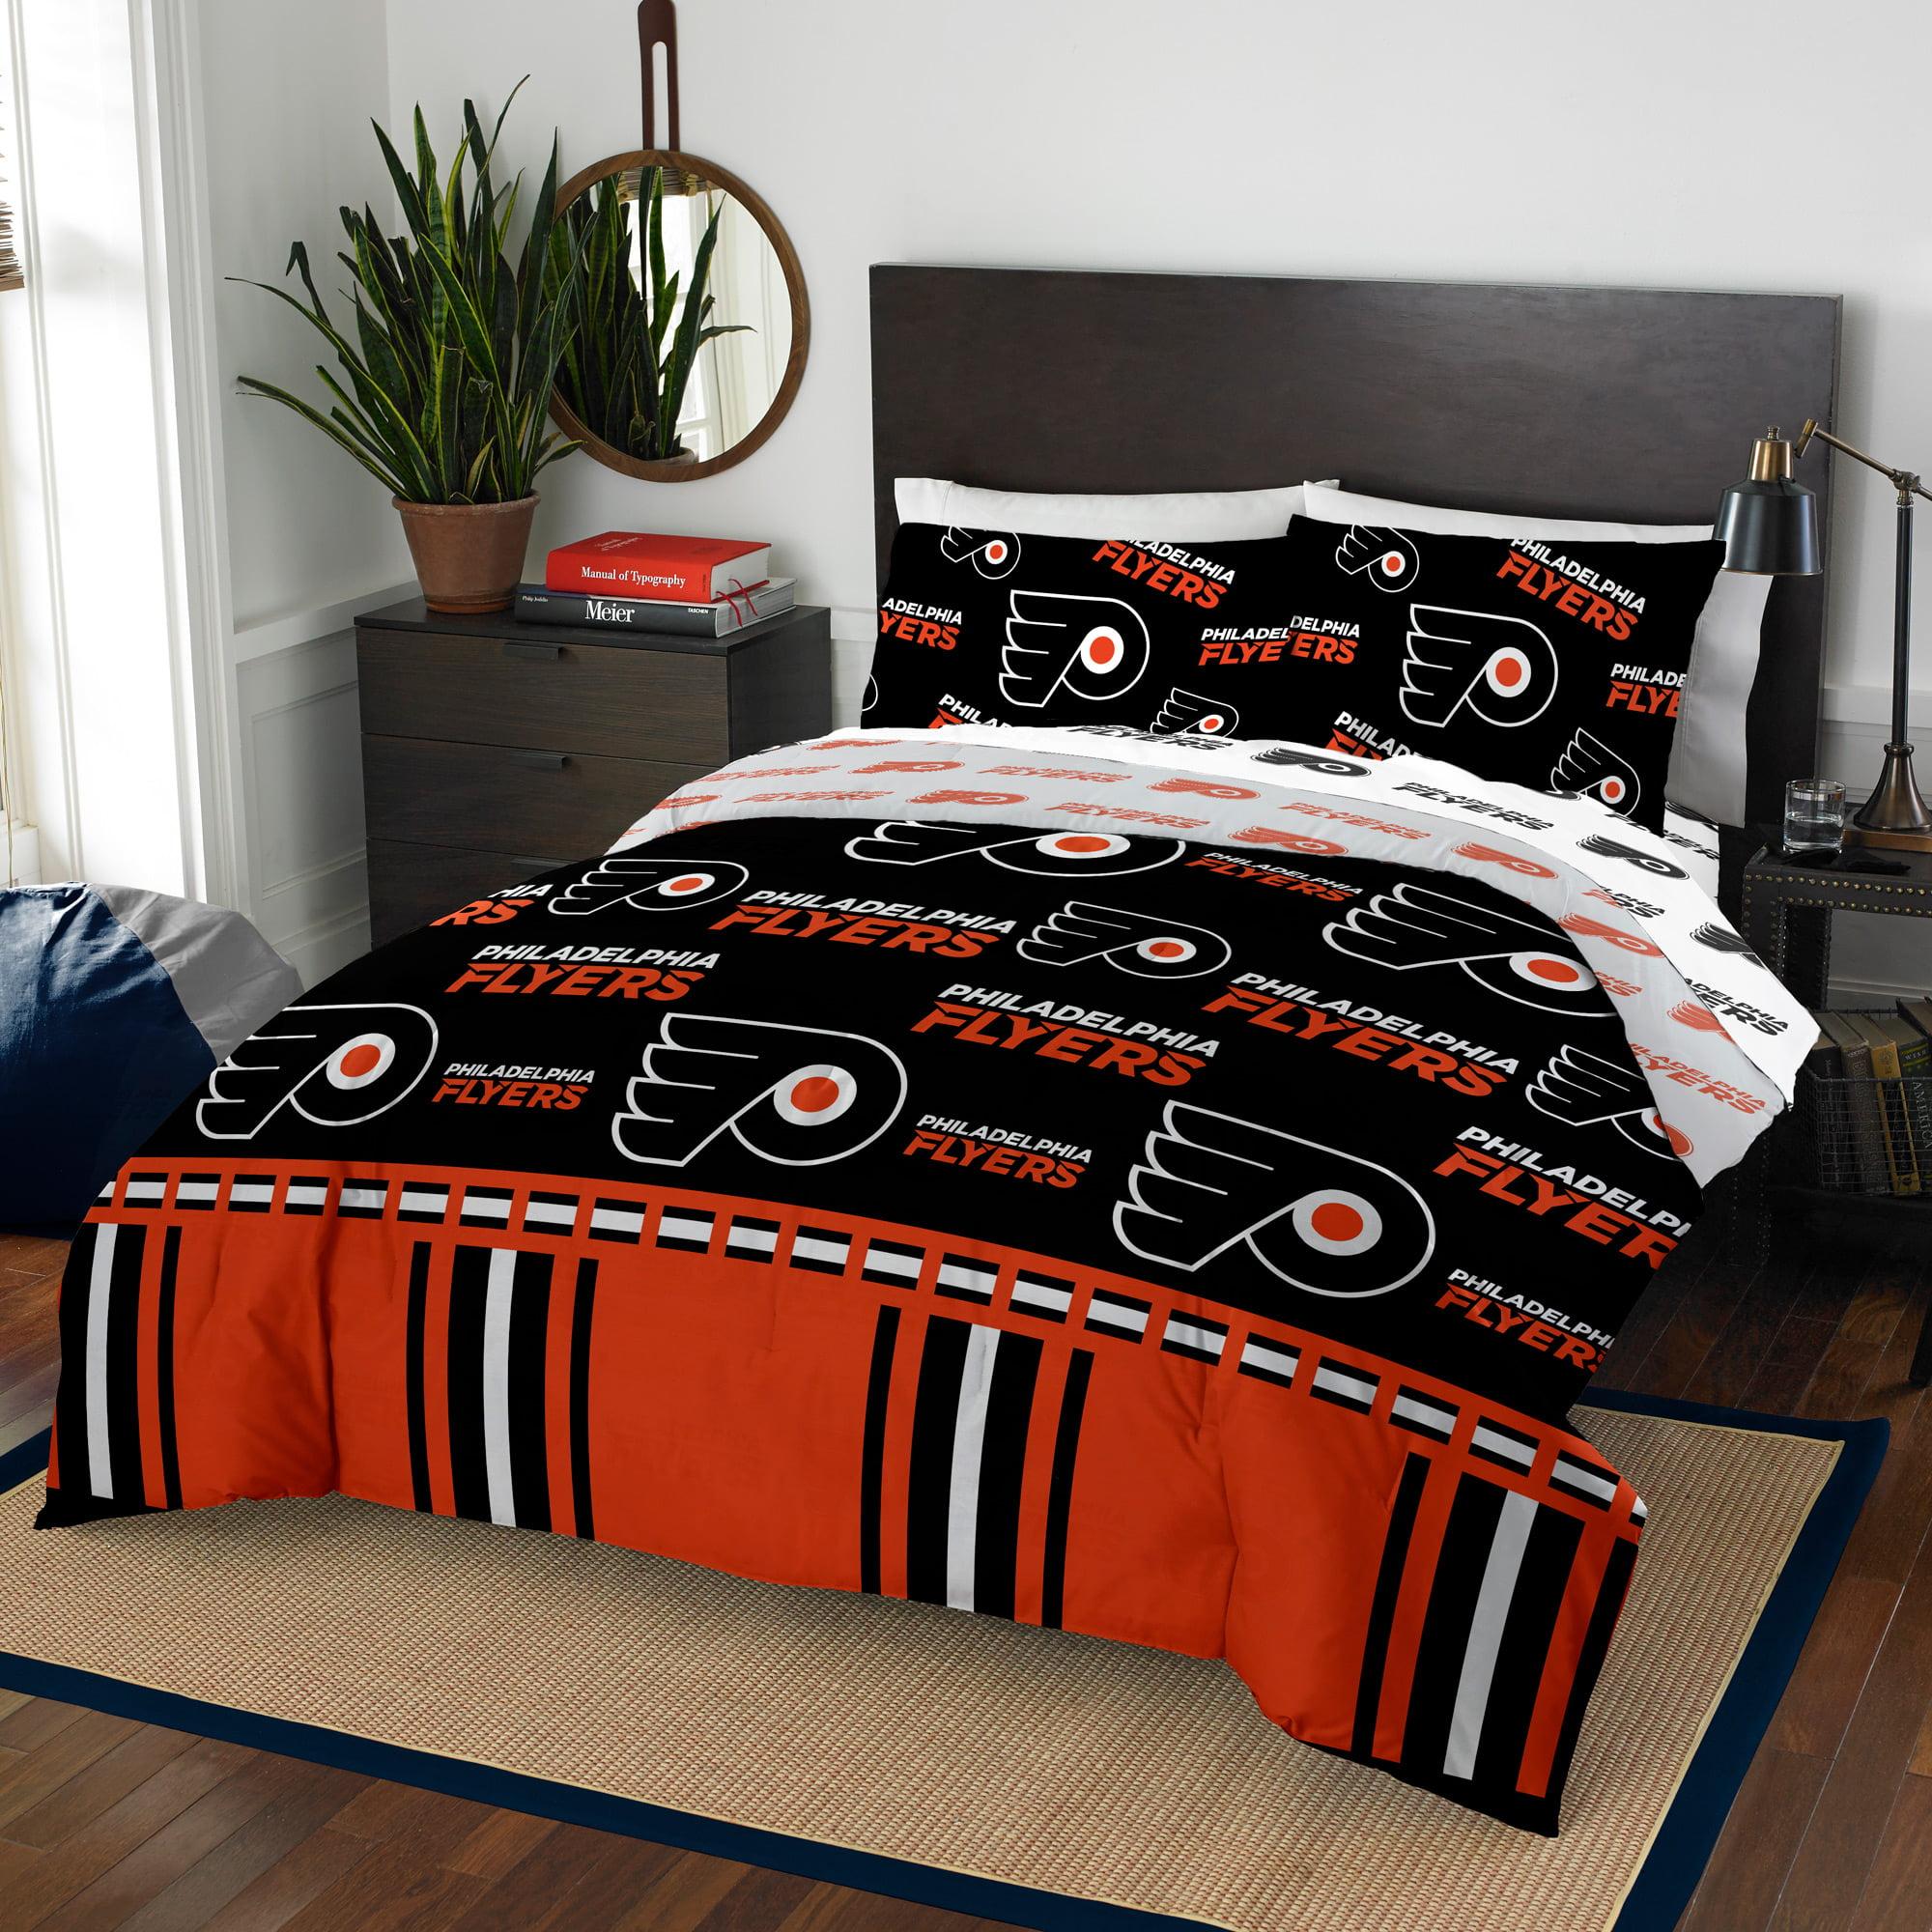 Philadelphia Flyers Queen Bed In Bag Set